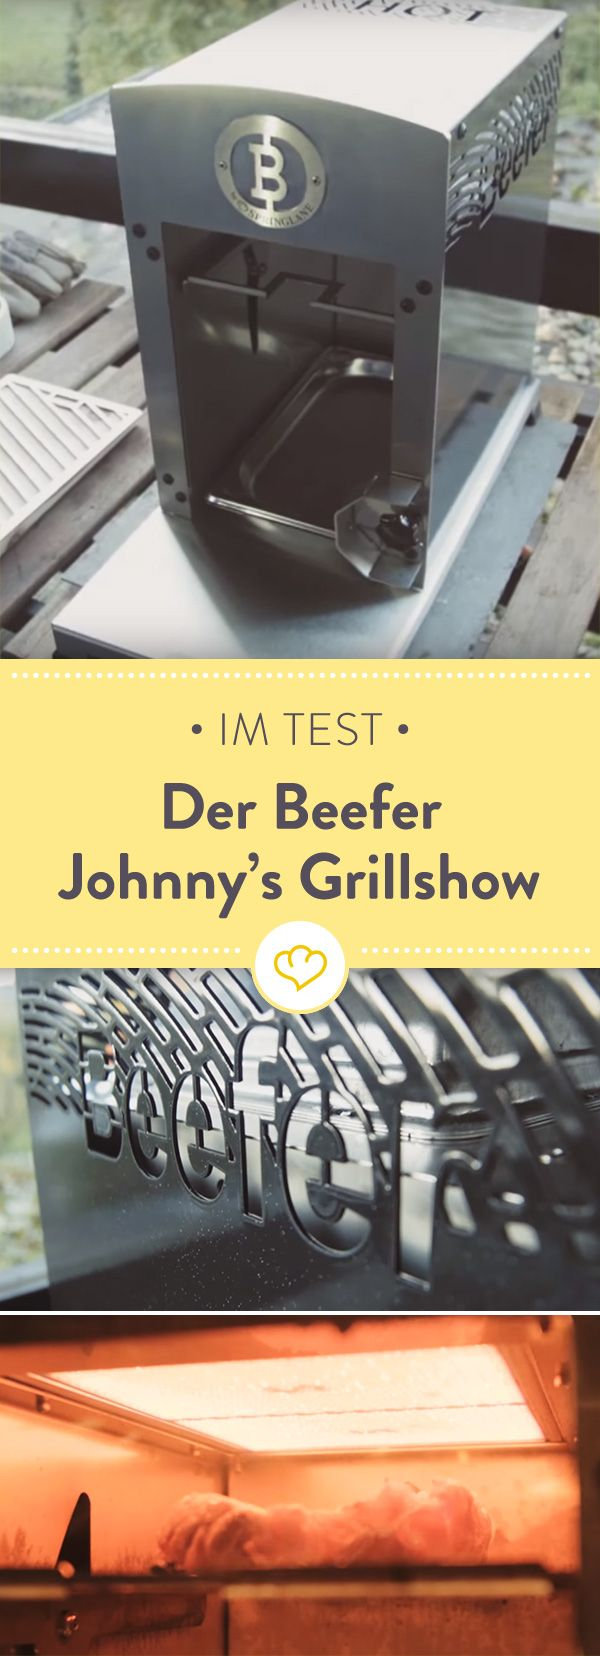 Johnny kennt sich aus mit gutem Grillfleisch. In seiner Grillshow hat er jetzt den Beefer getestet...